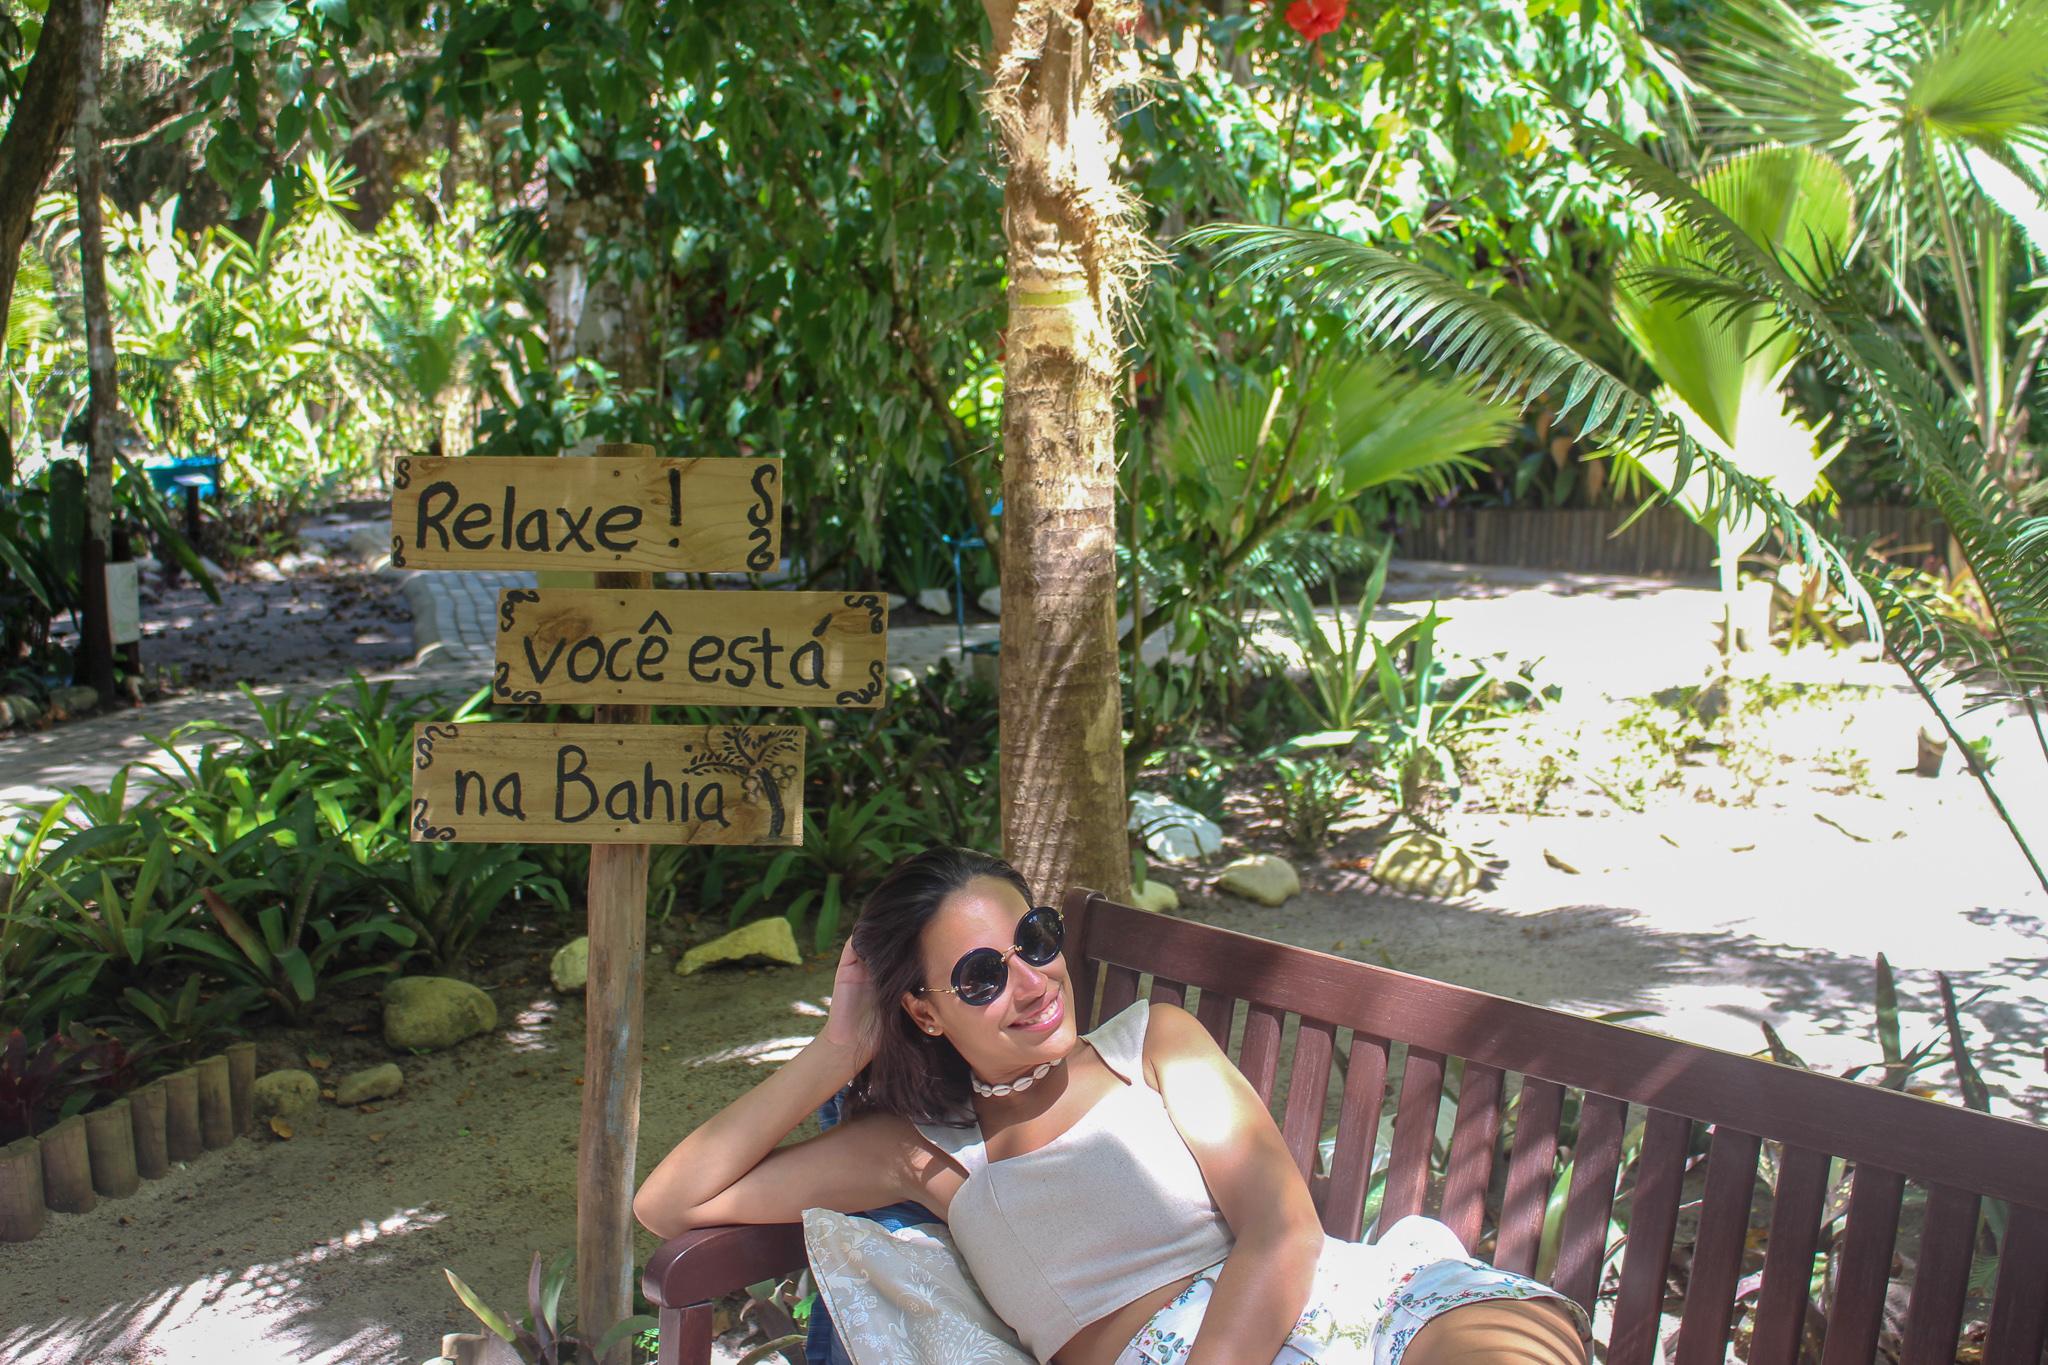 relaxe_mata_nativa_pousada_trancoso